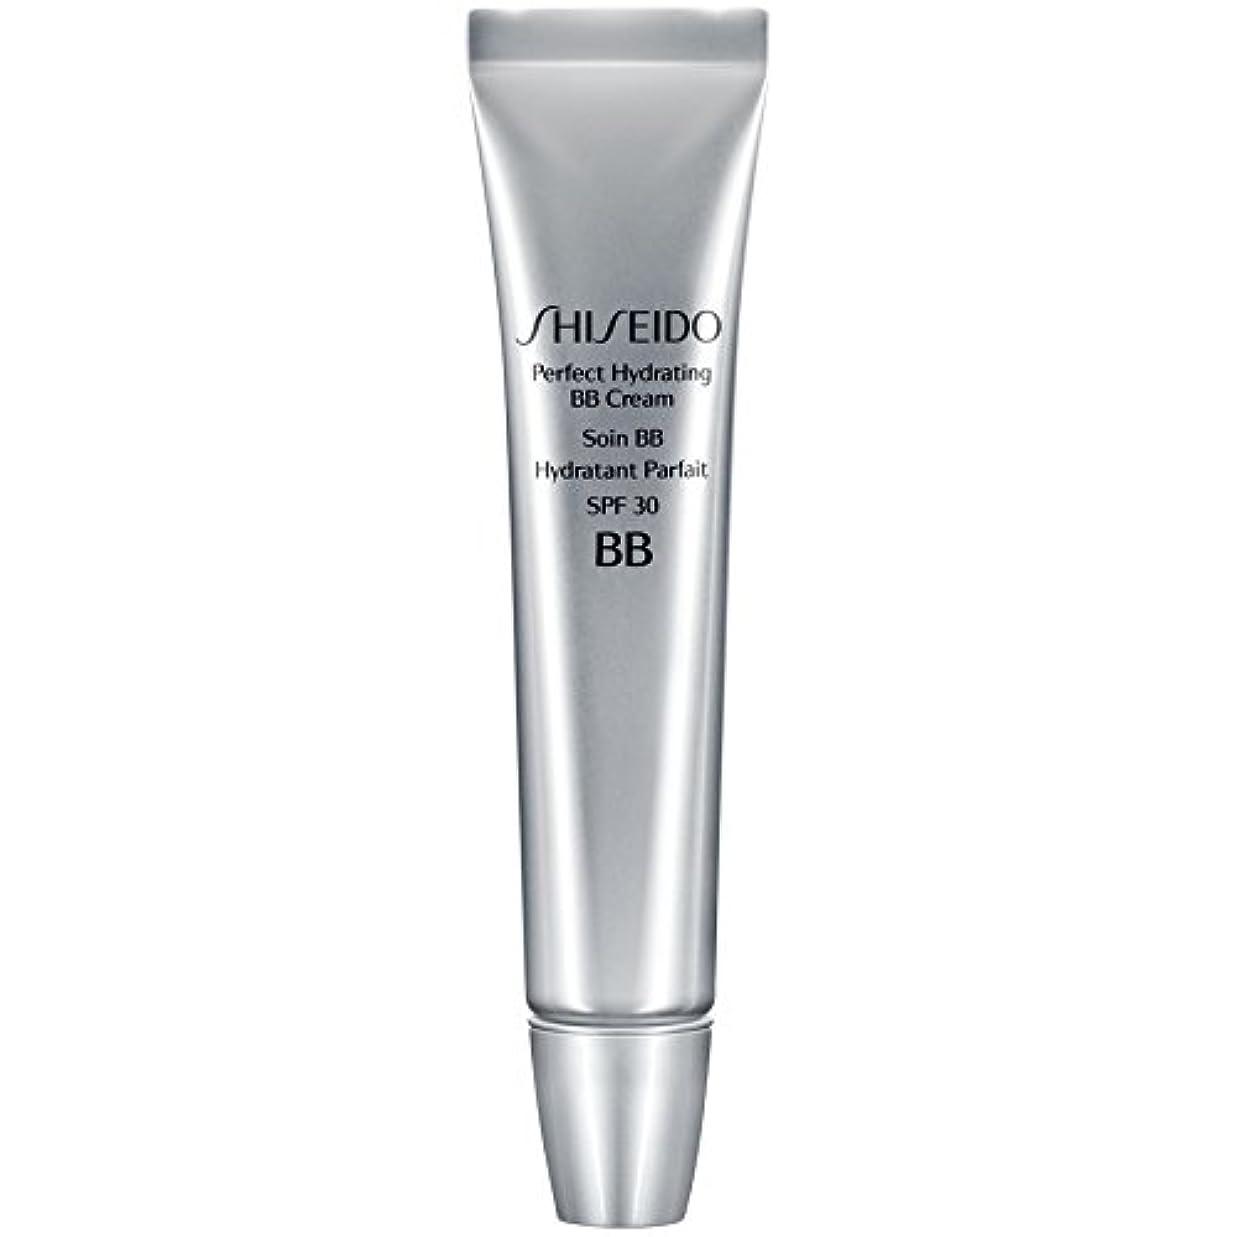 水没左ブラインド[Shiseido ] 資生堂完璧な水和BbクリームSpf 30 30ミリリットルの暗いです - Shiseido Perfect Hydrating BB Cream SPF 30 30ml Dark [並行輸入品]